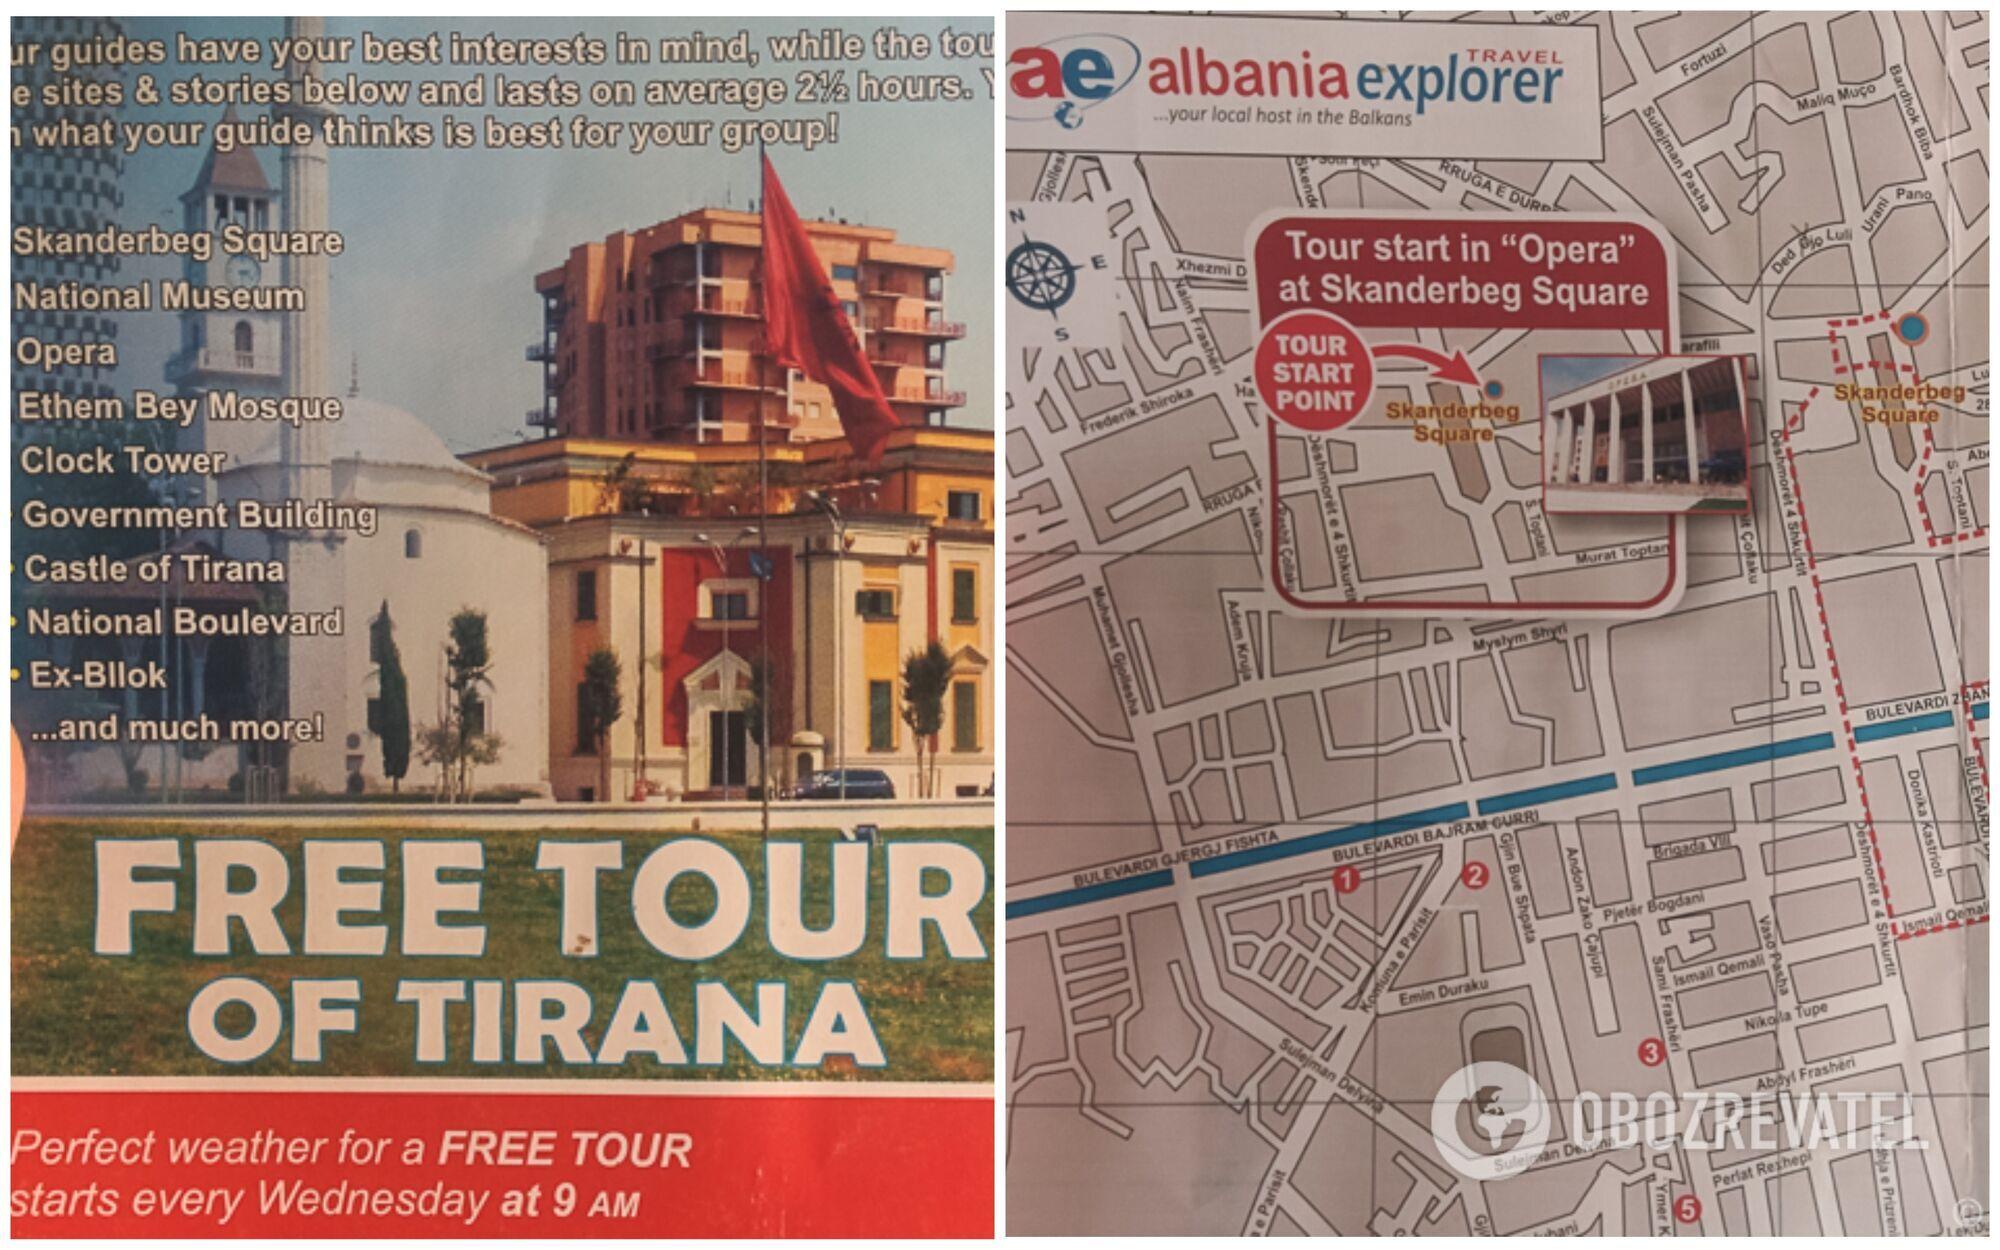 У Тирані є безкоштовна оглядова екскурсія визначними пам'ятками столиці